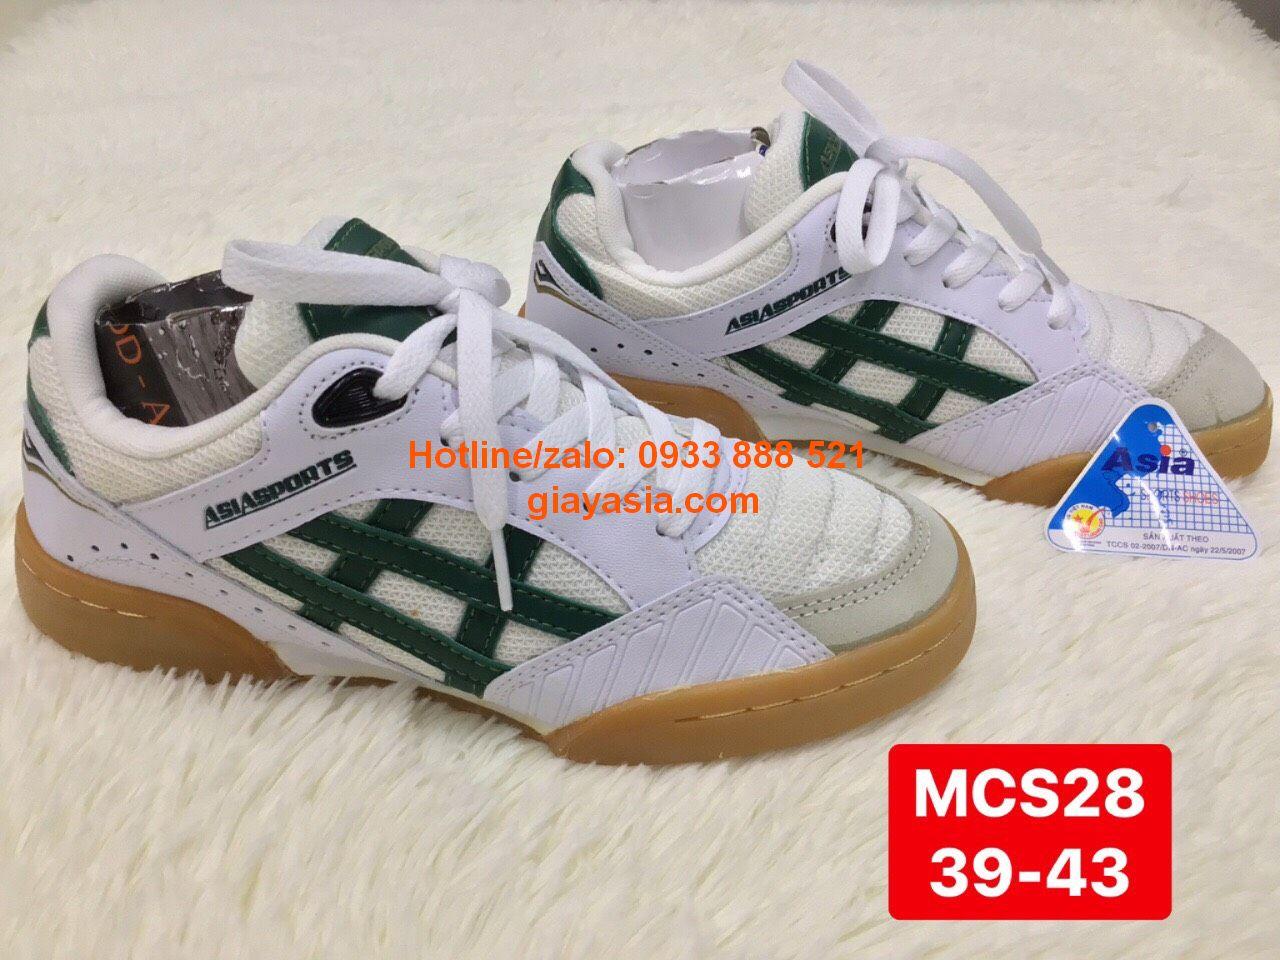 Giày asia cầu lông trắng sọc xanh MCS28